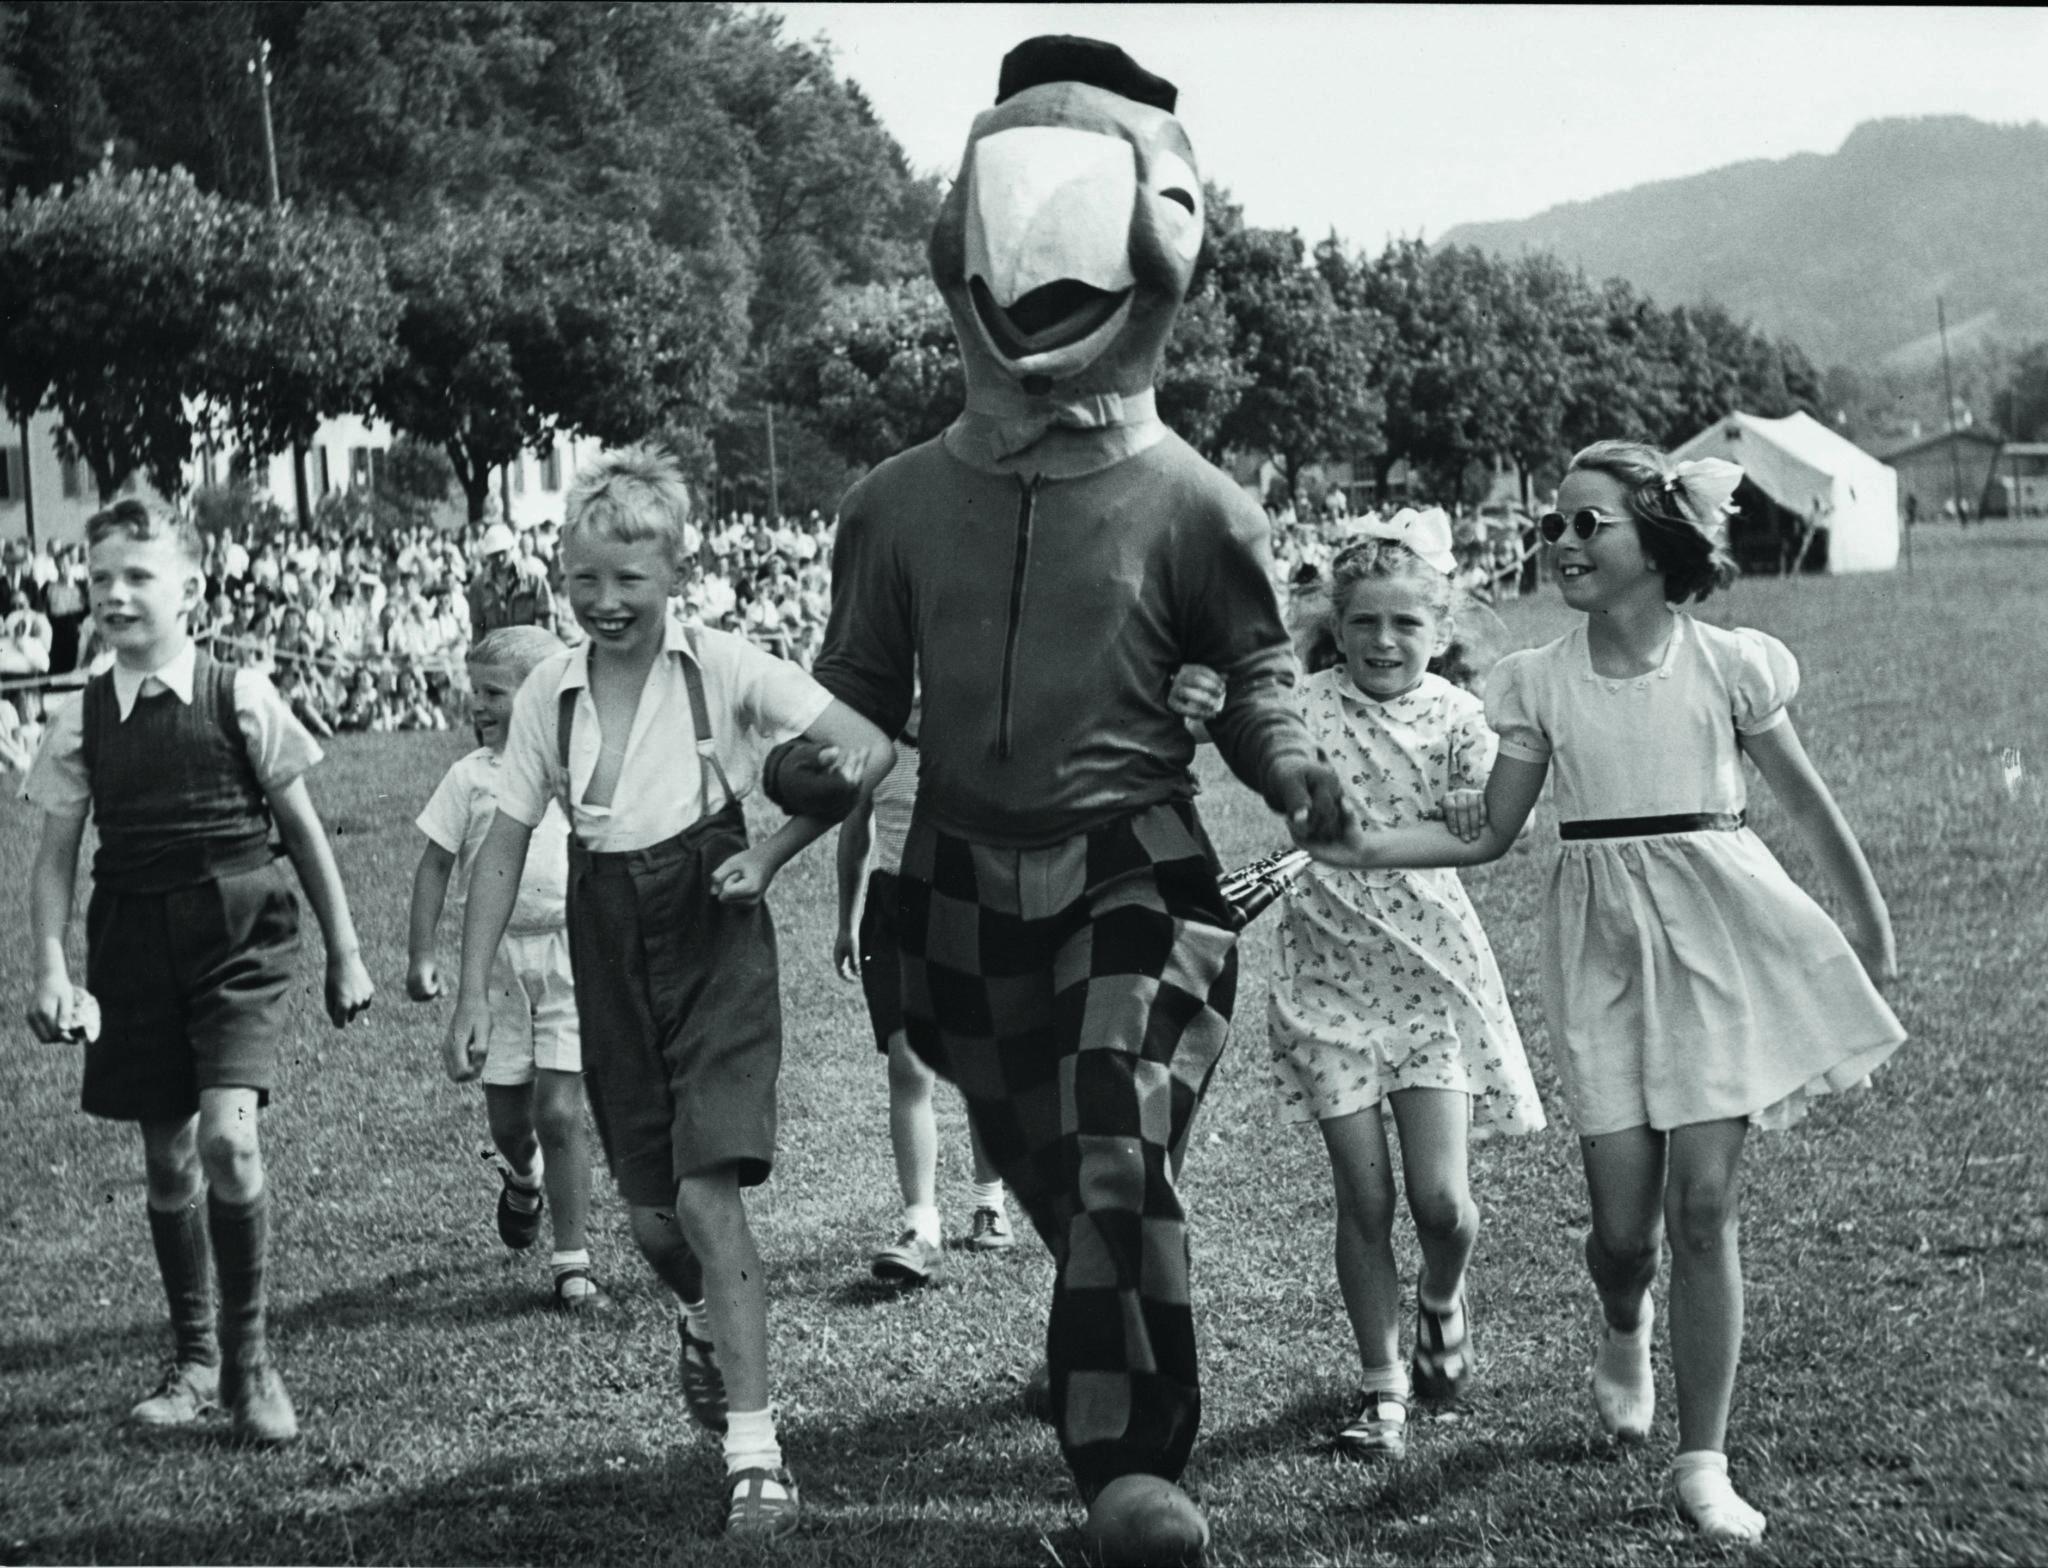 Wo immer Globi auftritt, wird er von Kindern umschwärmt. Hier an den Zürcher Flugtagen auf der Wollishofer Allmend (1948).